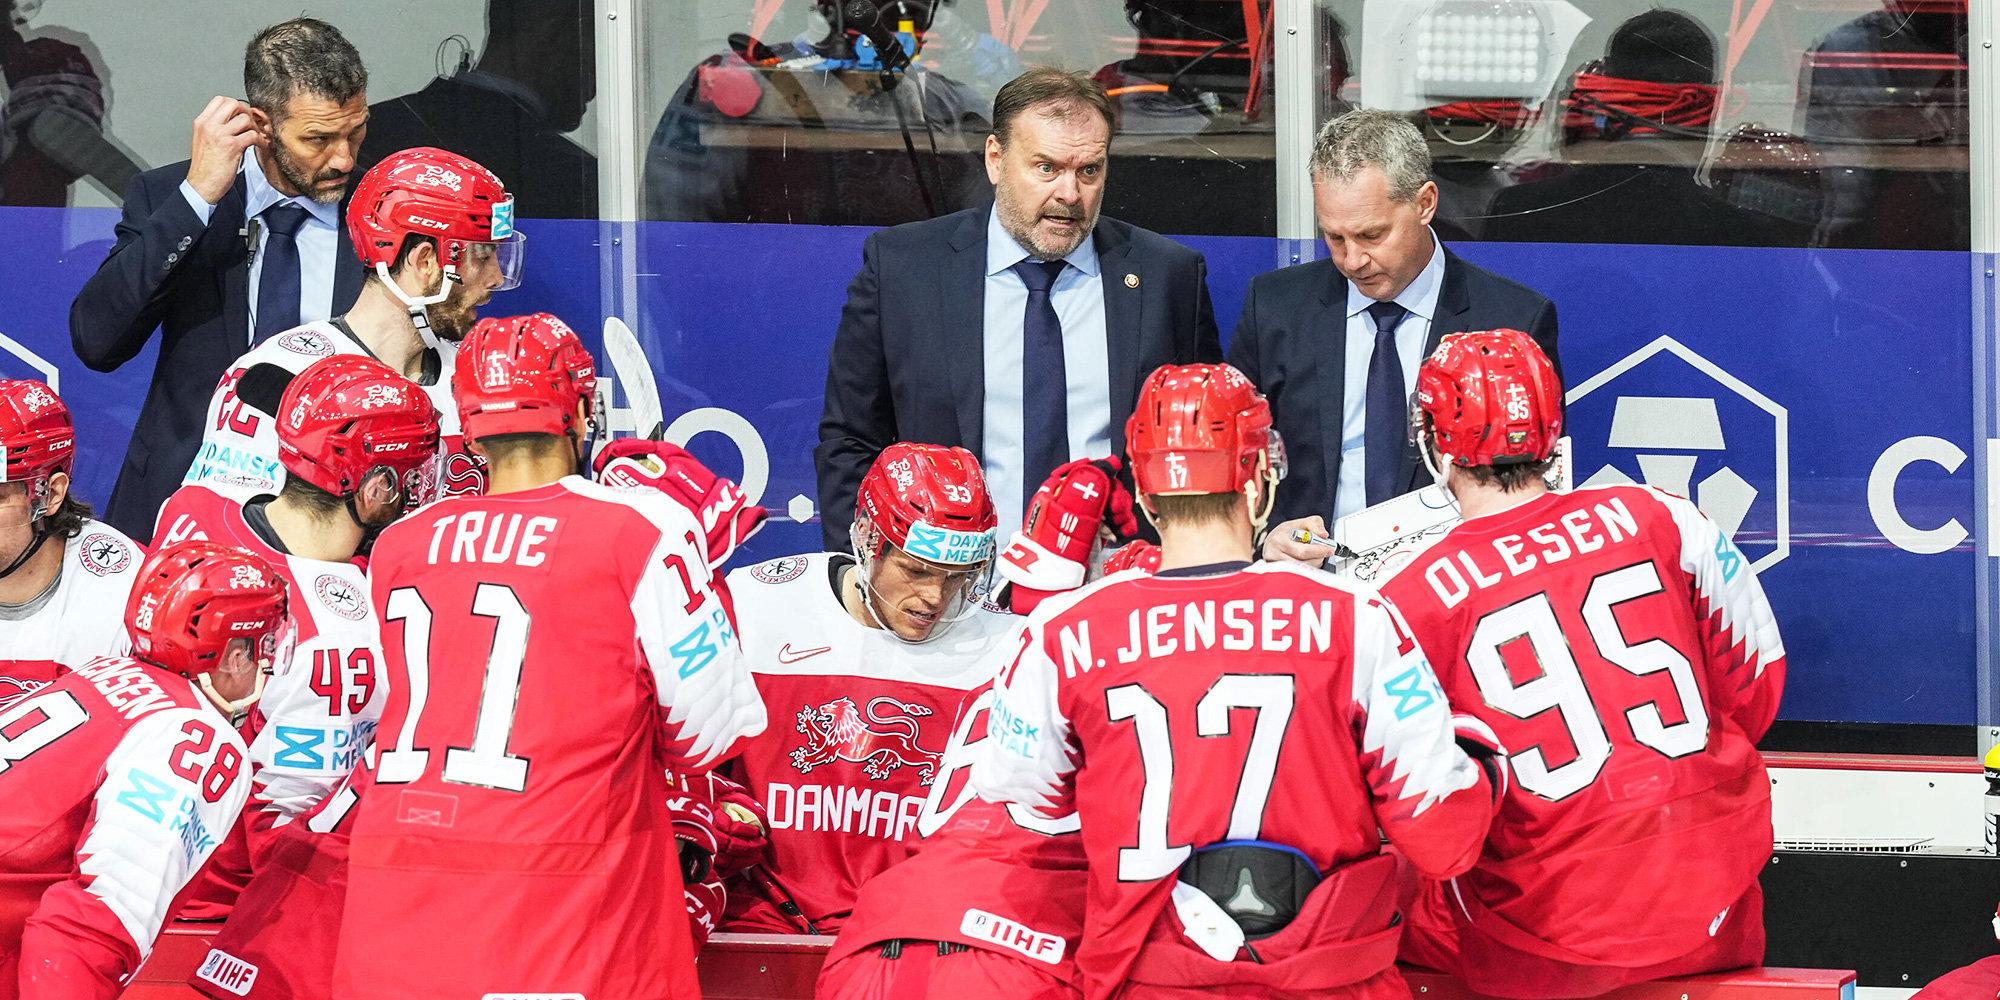 Дания победила Белоруссию на чемпионате мира